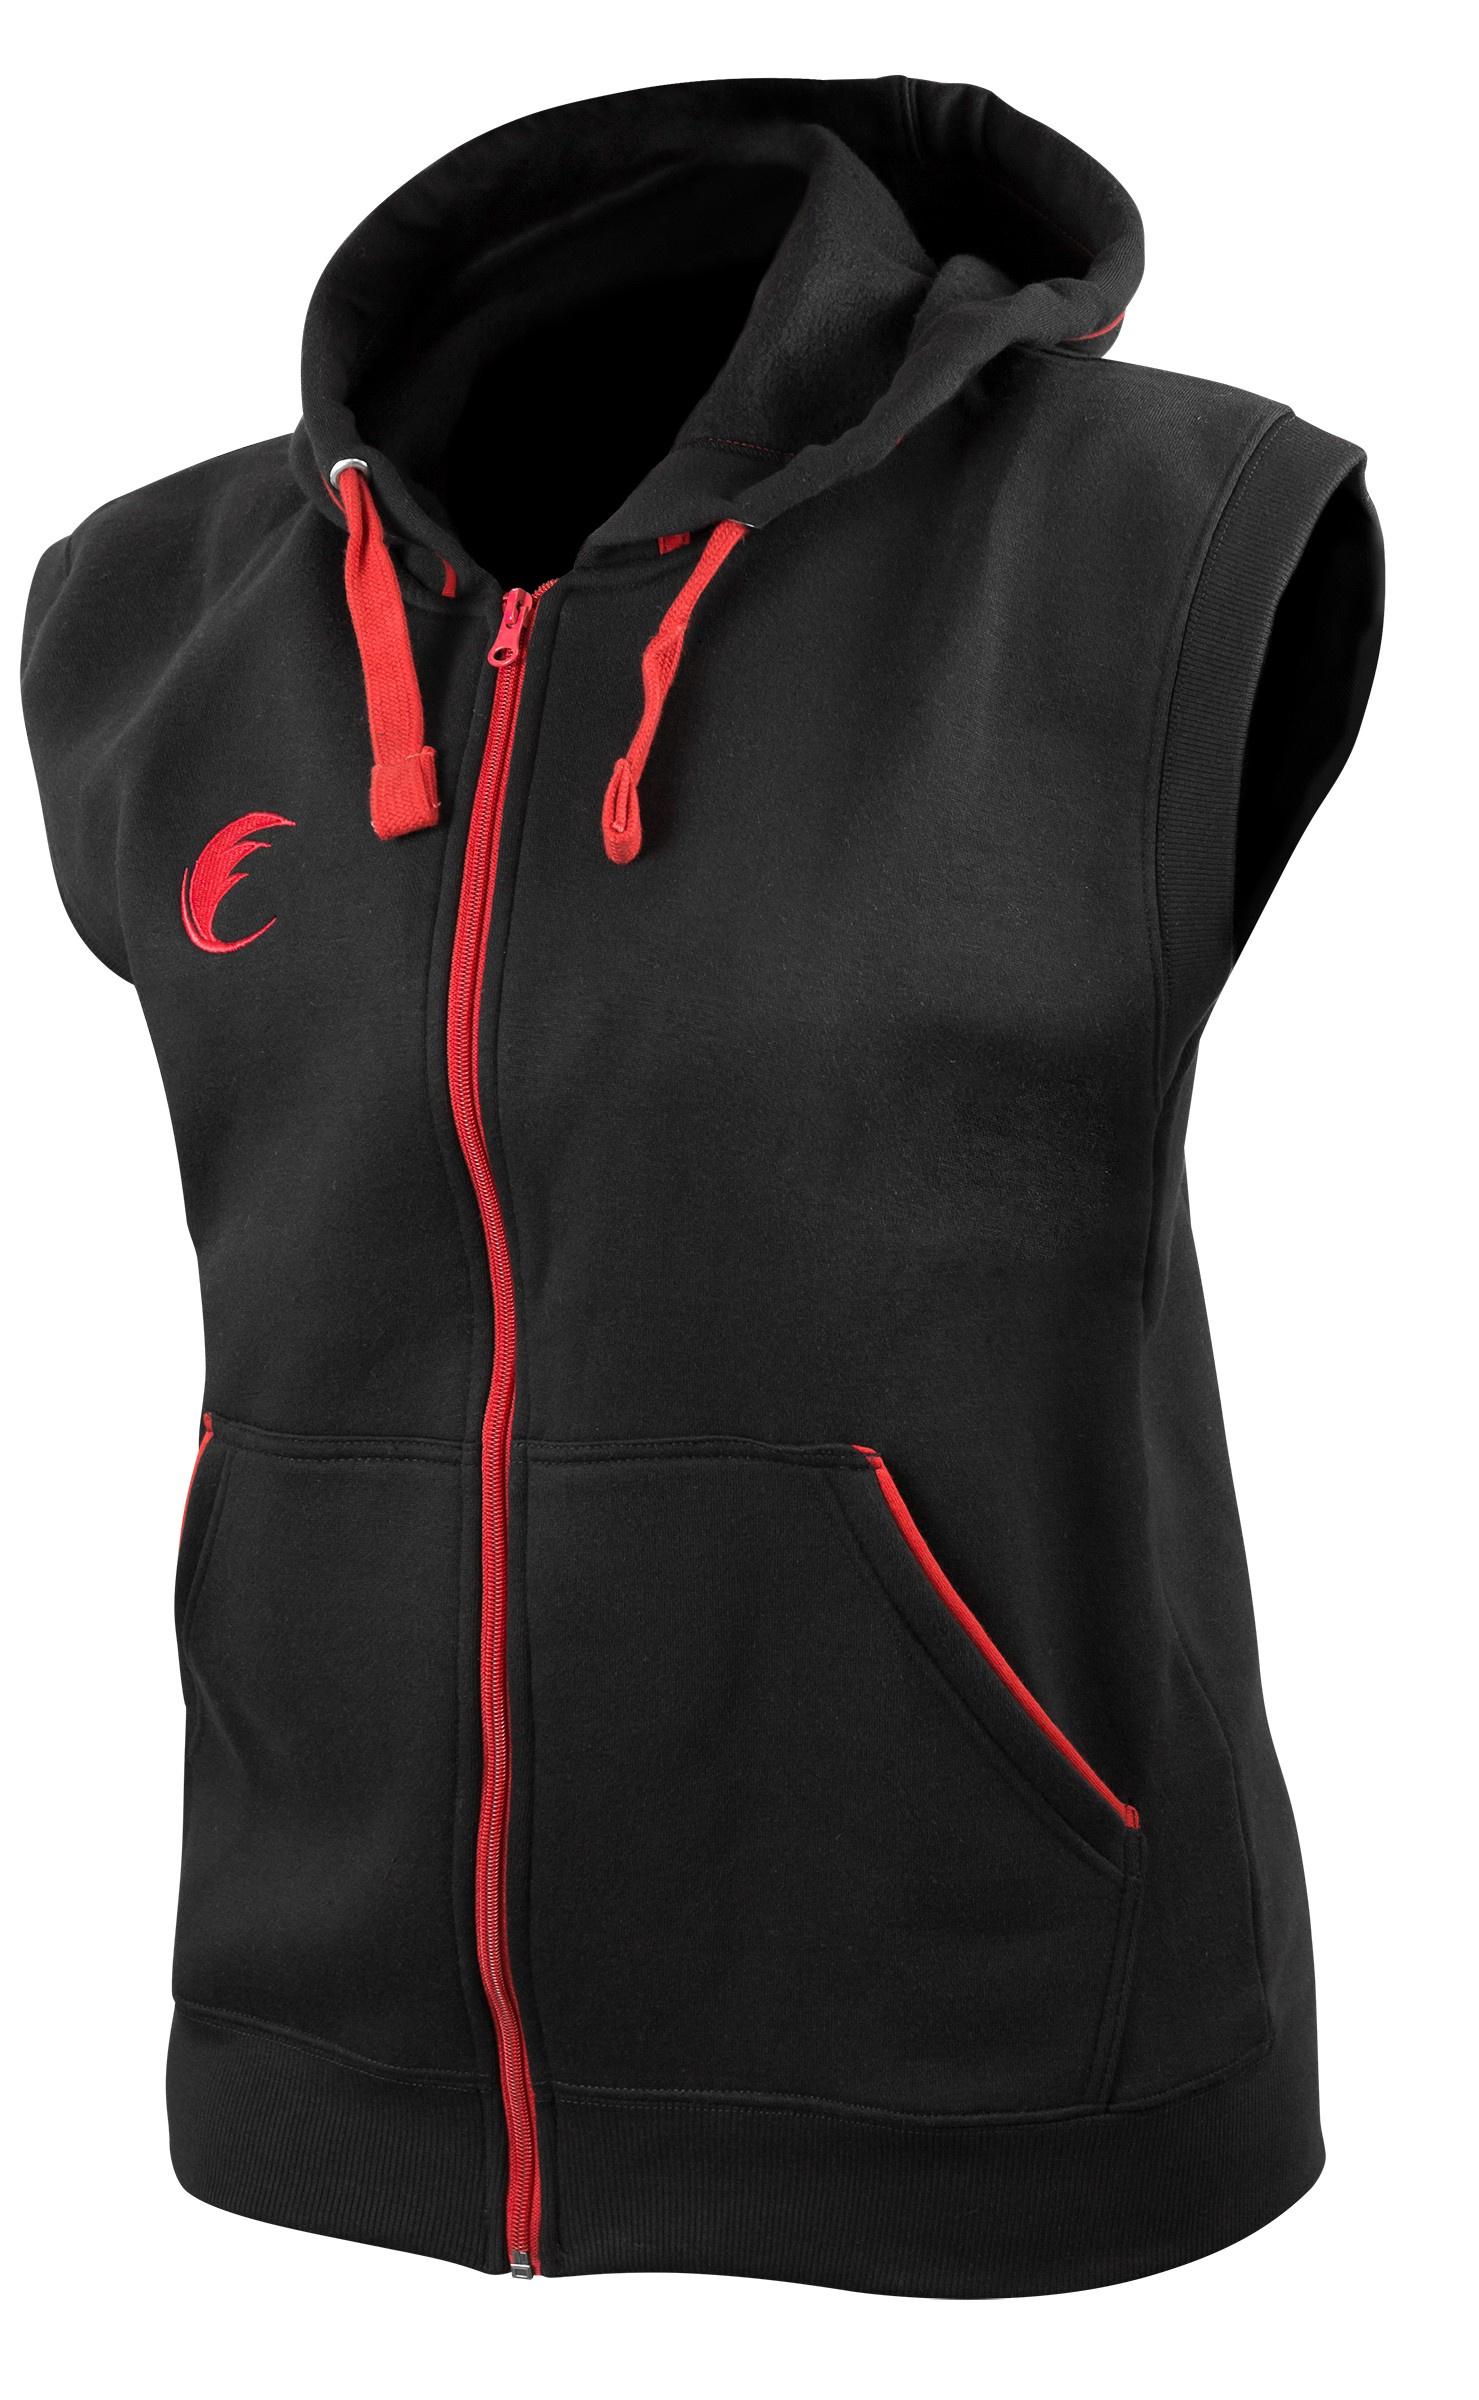 Vesta Chaya Logo Sleevless Hoody